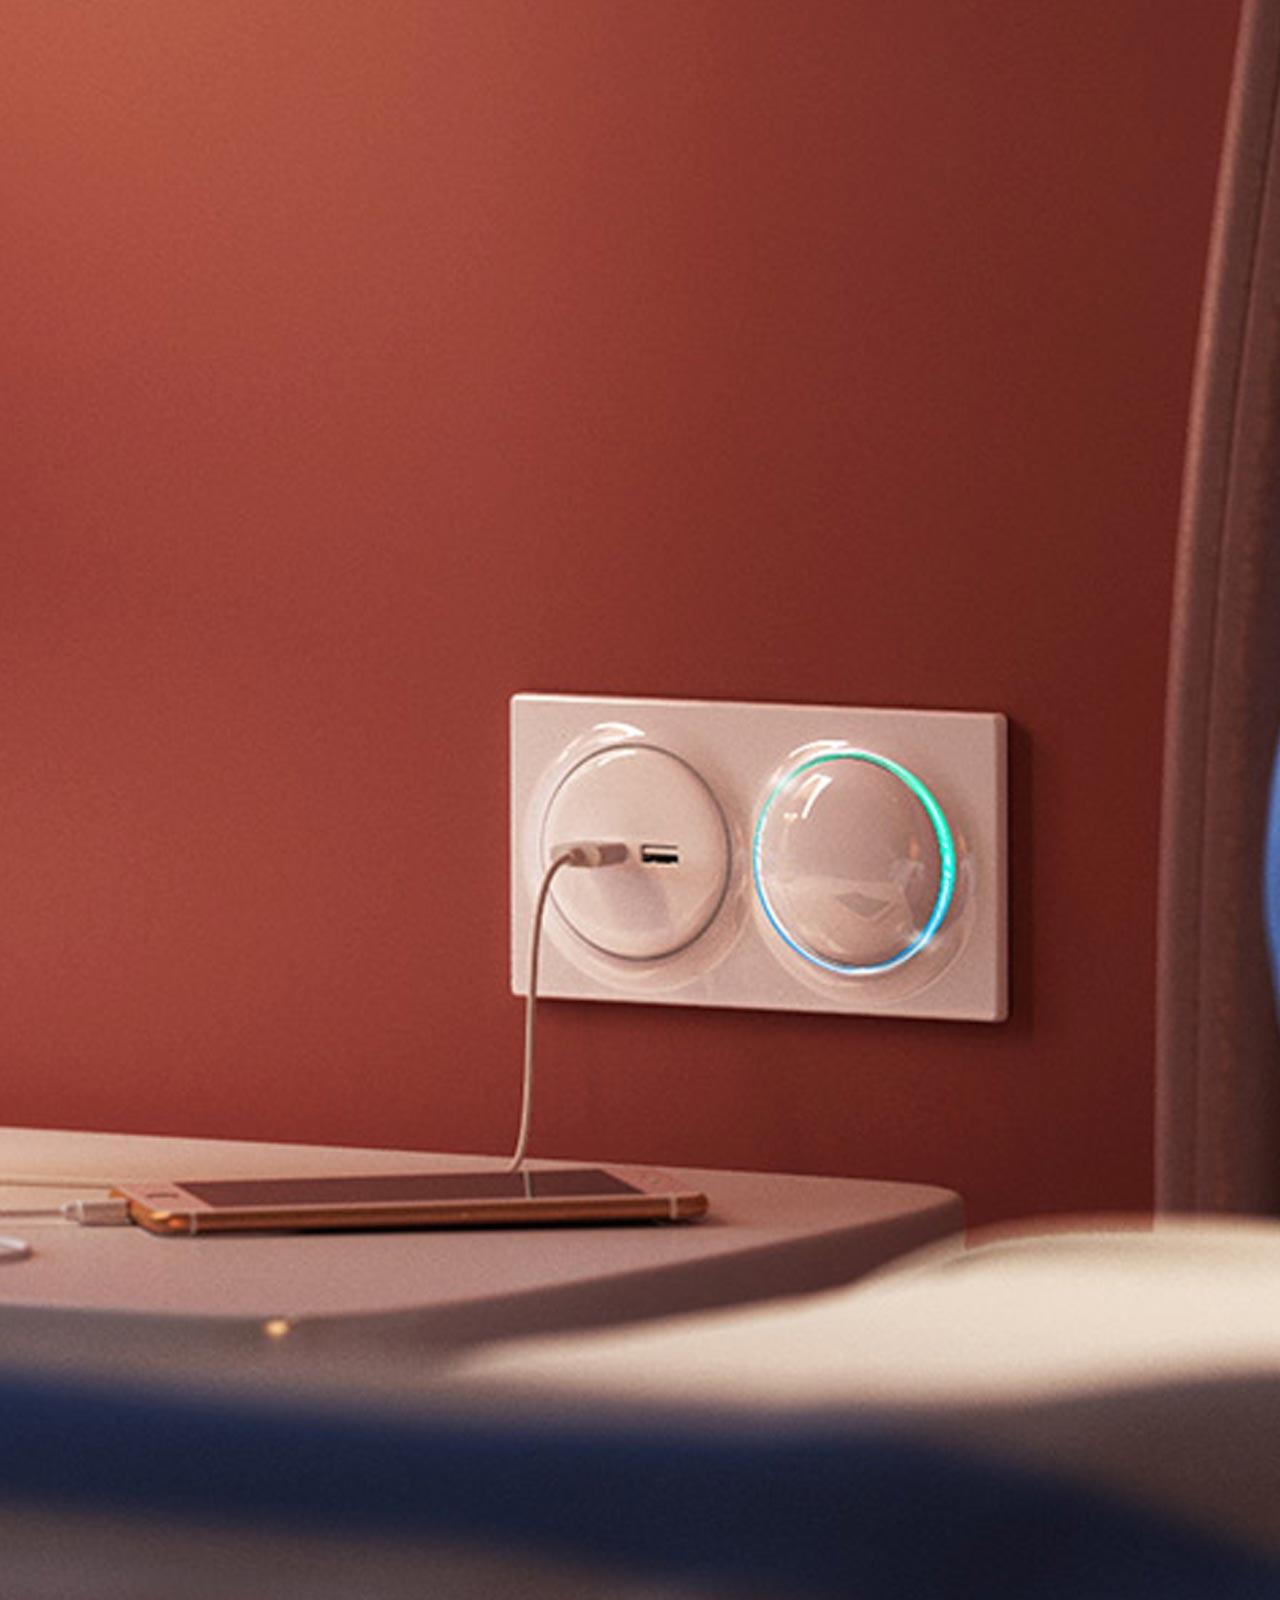 Fibaro-Walli-N-USB-Outlet-wall